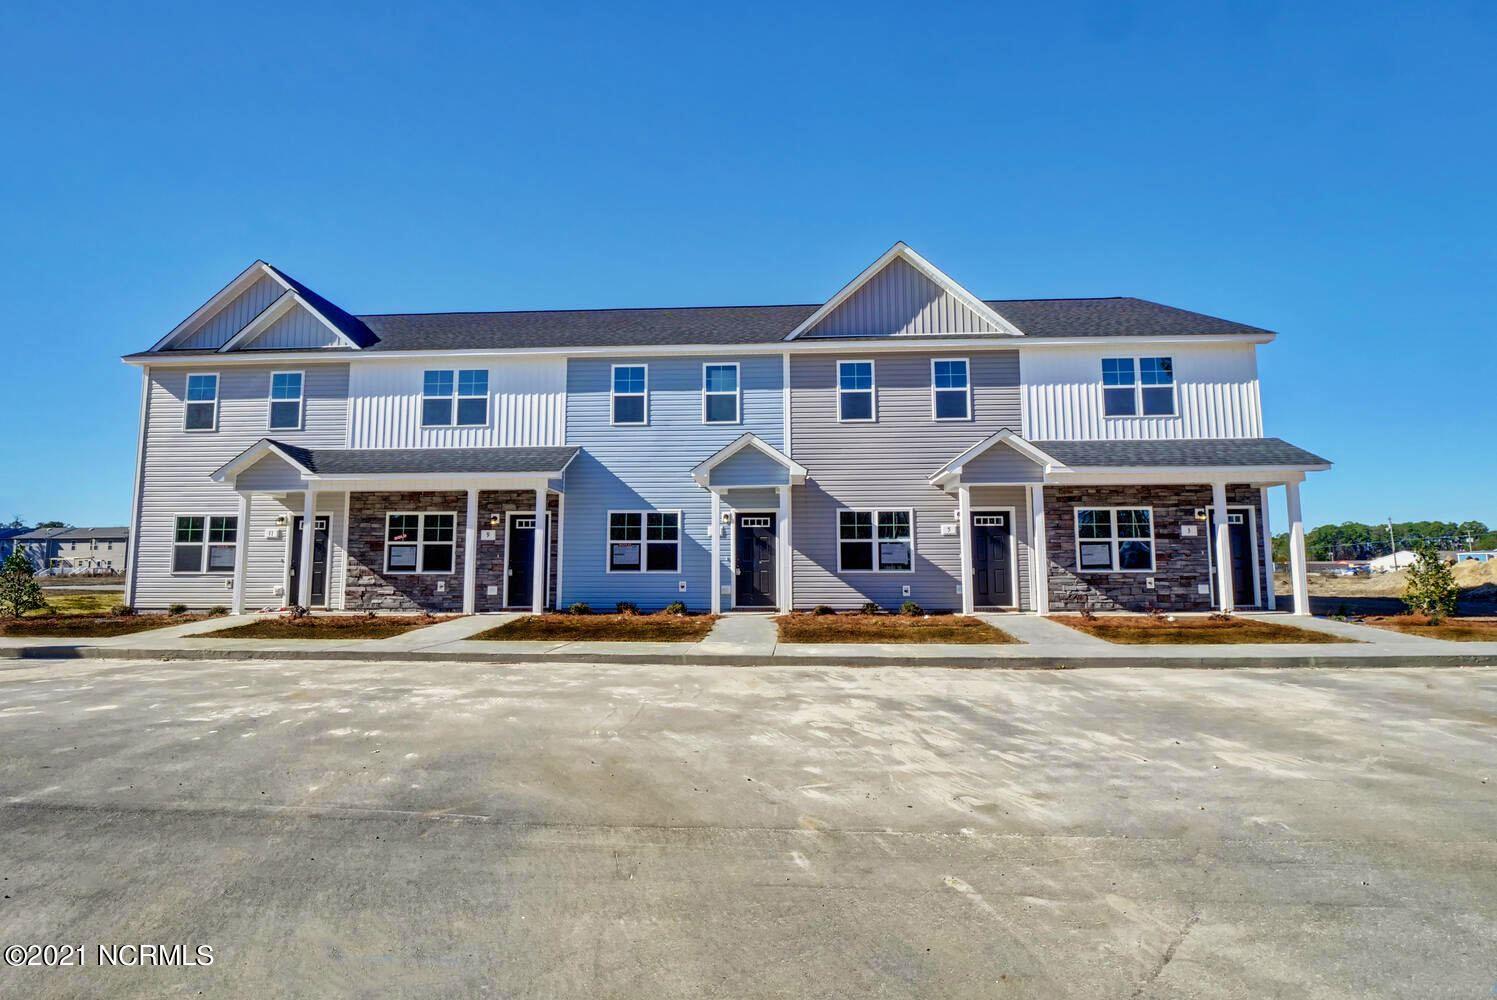 Photo of 4 Catalina Circle, Swansboro, NC 28584 (MLS # 100233715)